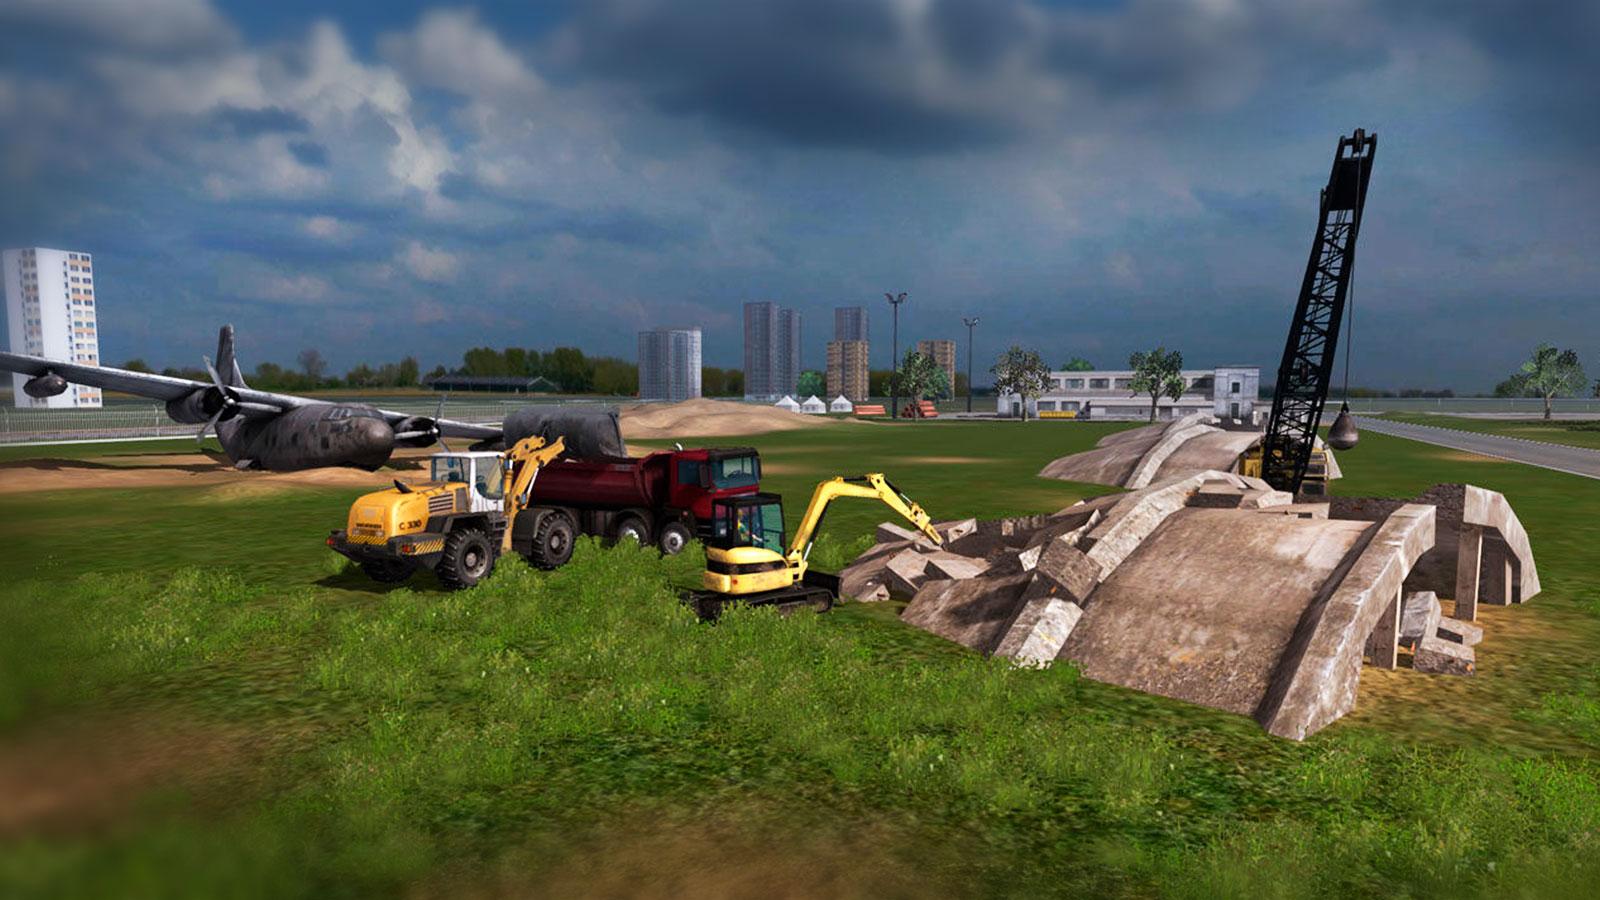 Demolition Company скриншот из игры